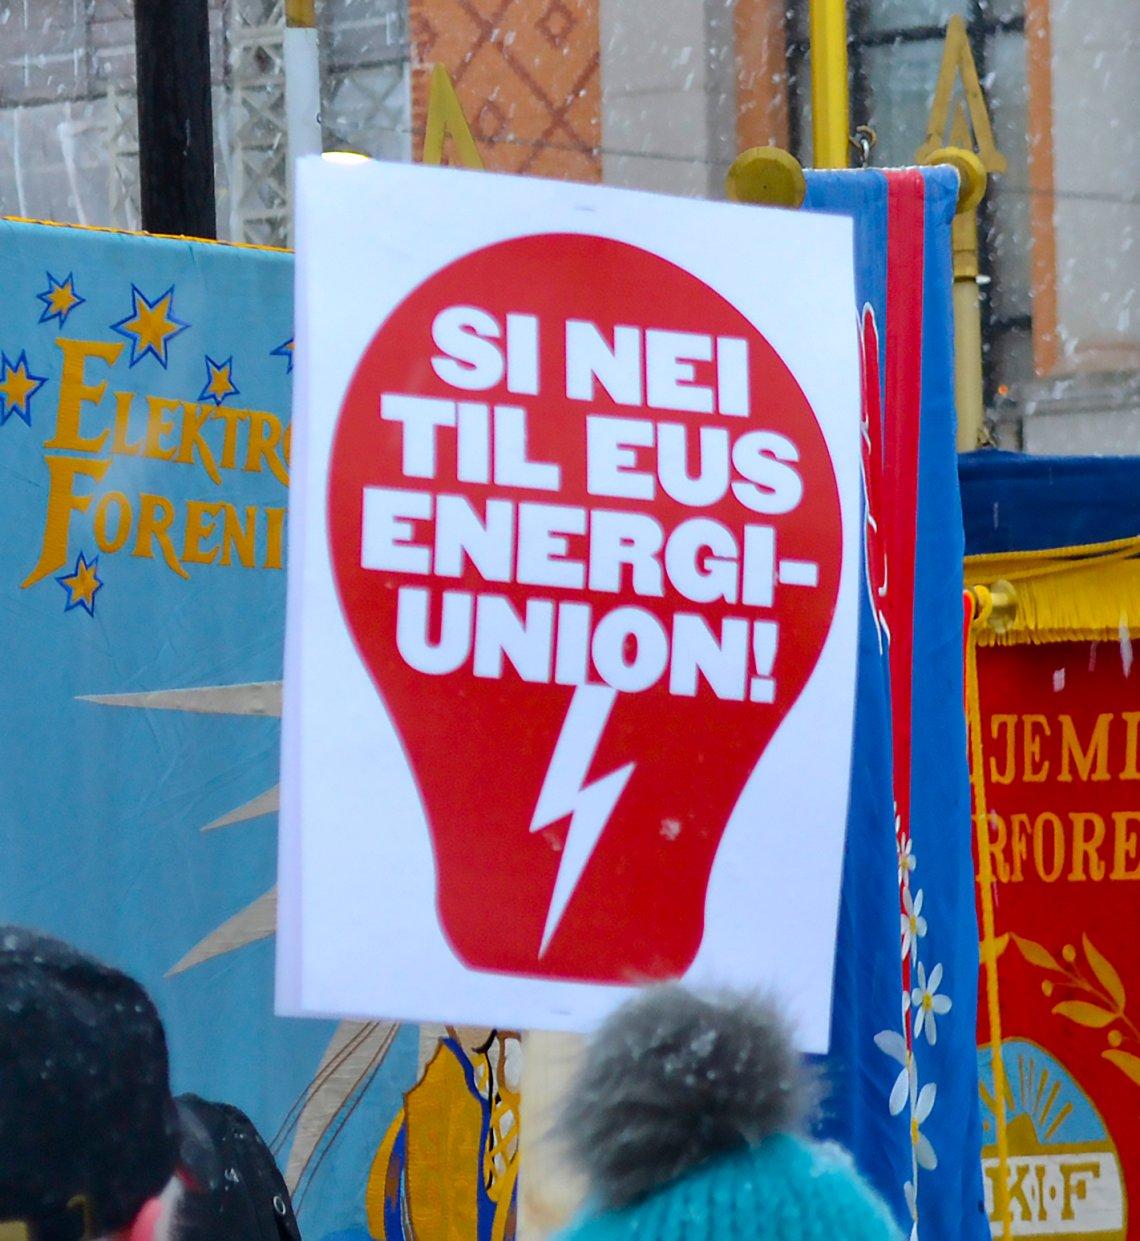 Vedum: Stortingets behandling av overføring av makt til EU kan være grunnlovsstridig